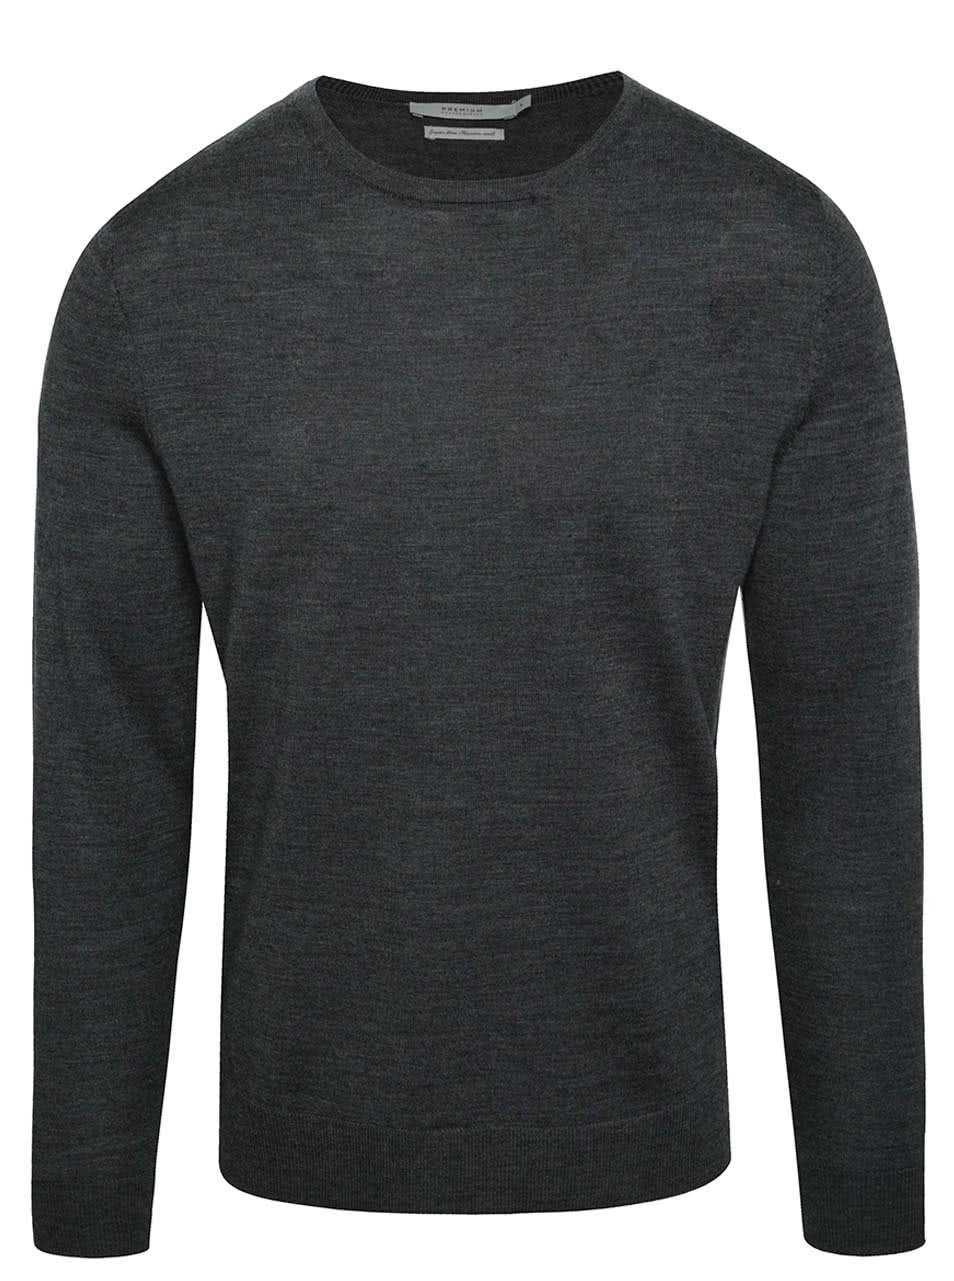 Tmavě šedý svetr z Merino vlny Jack & Jones Premium Mark